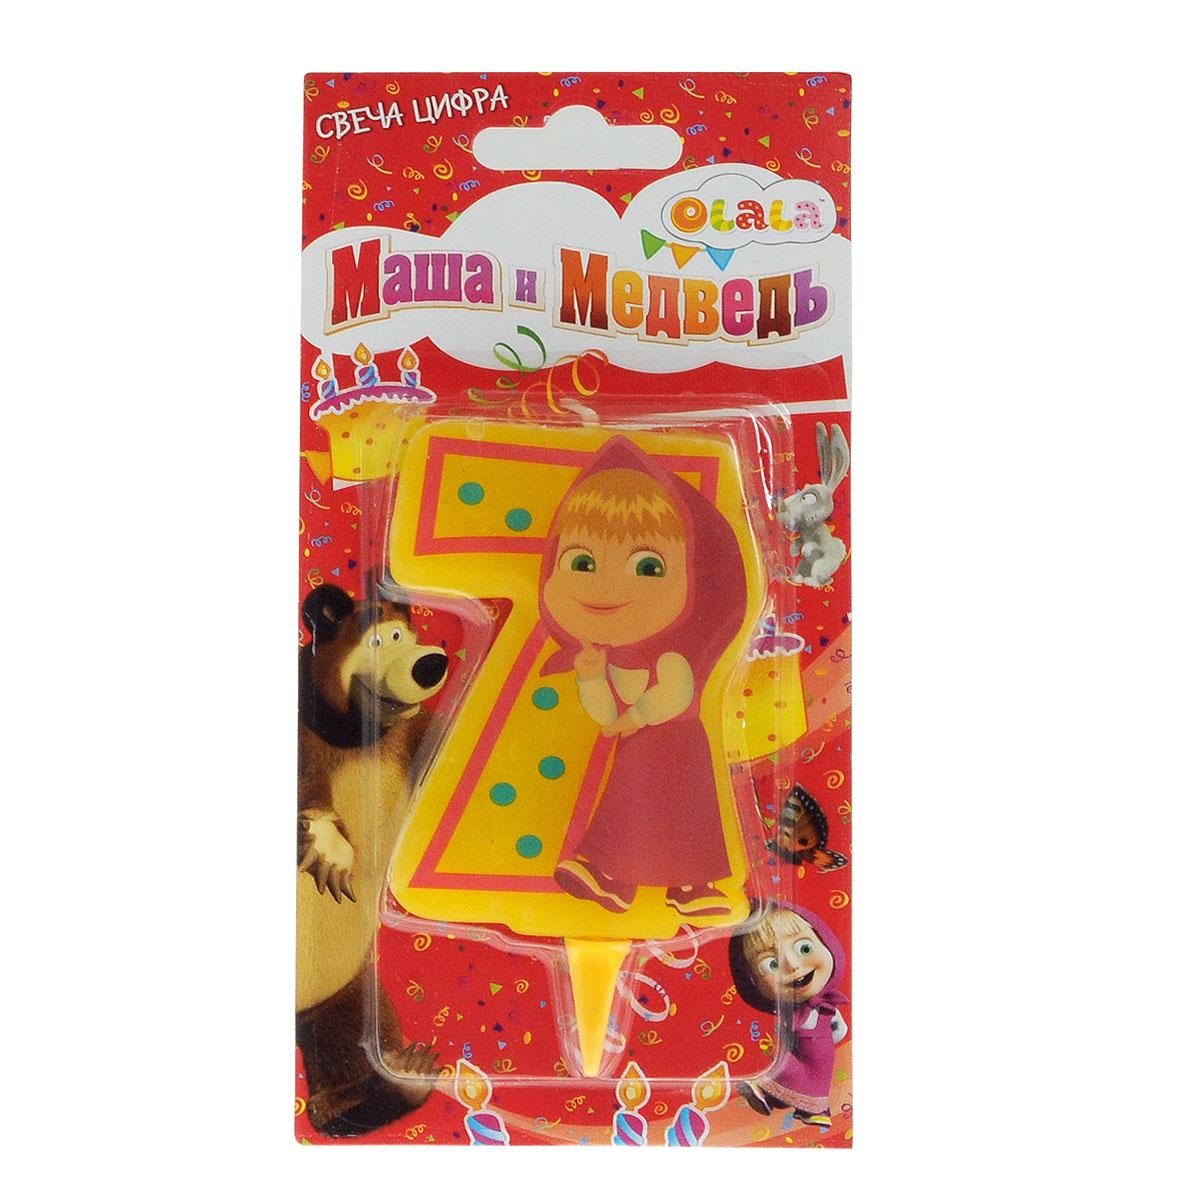 Свеча-цифра для торта Маша и медведь 7, цвет: желтый